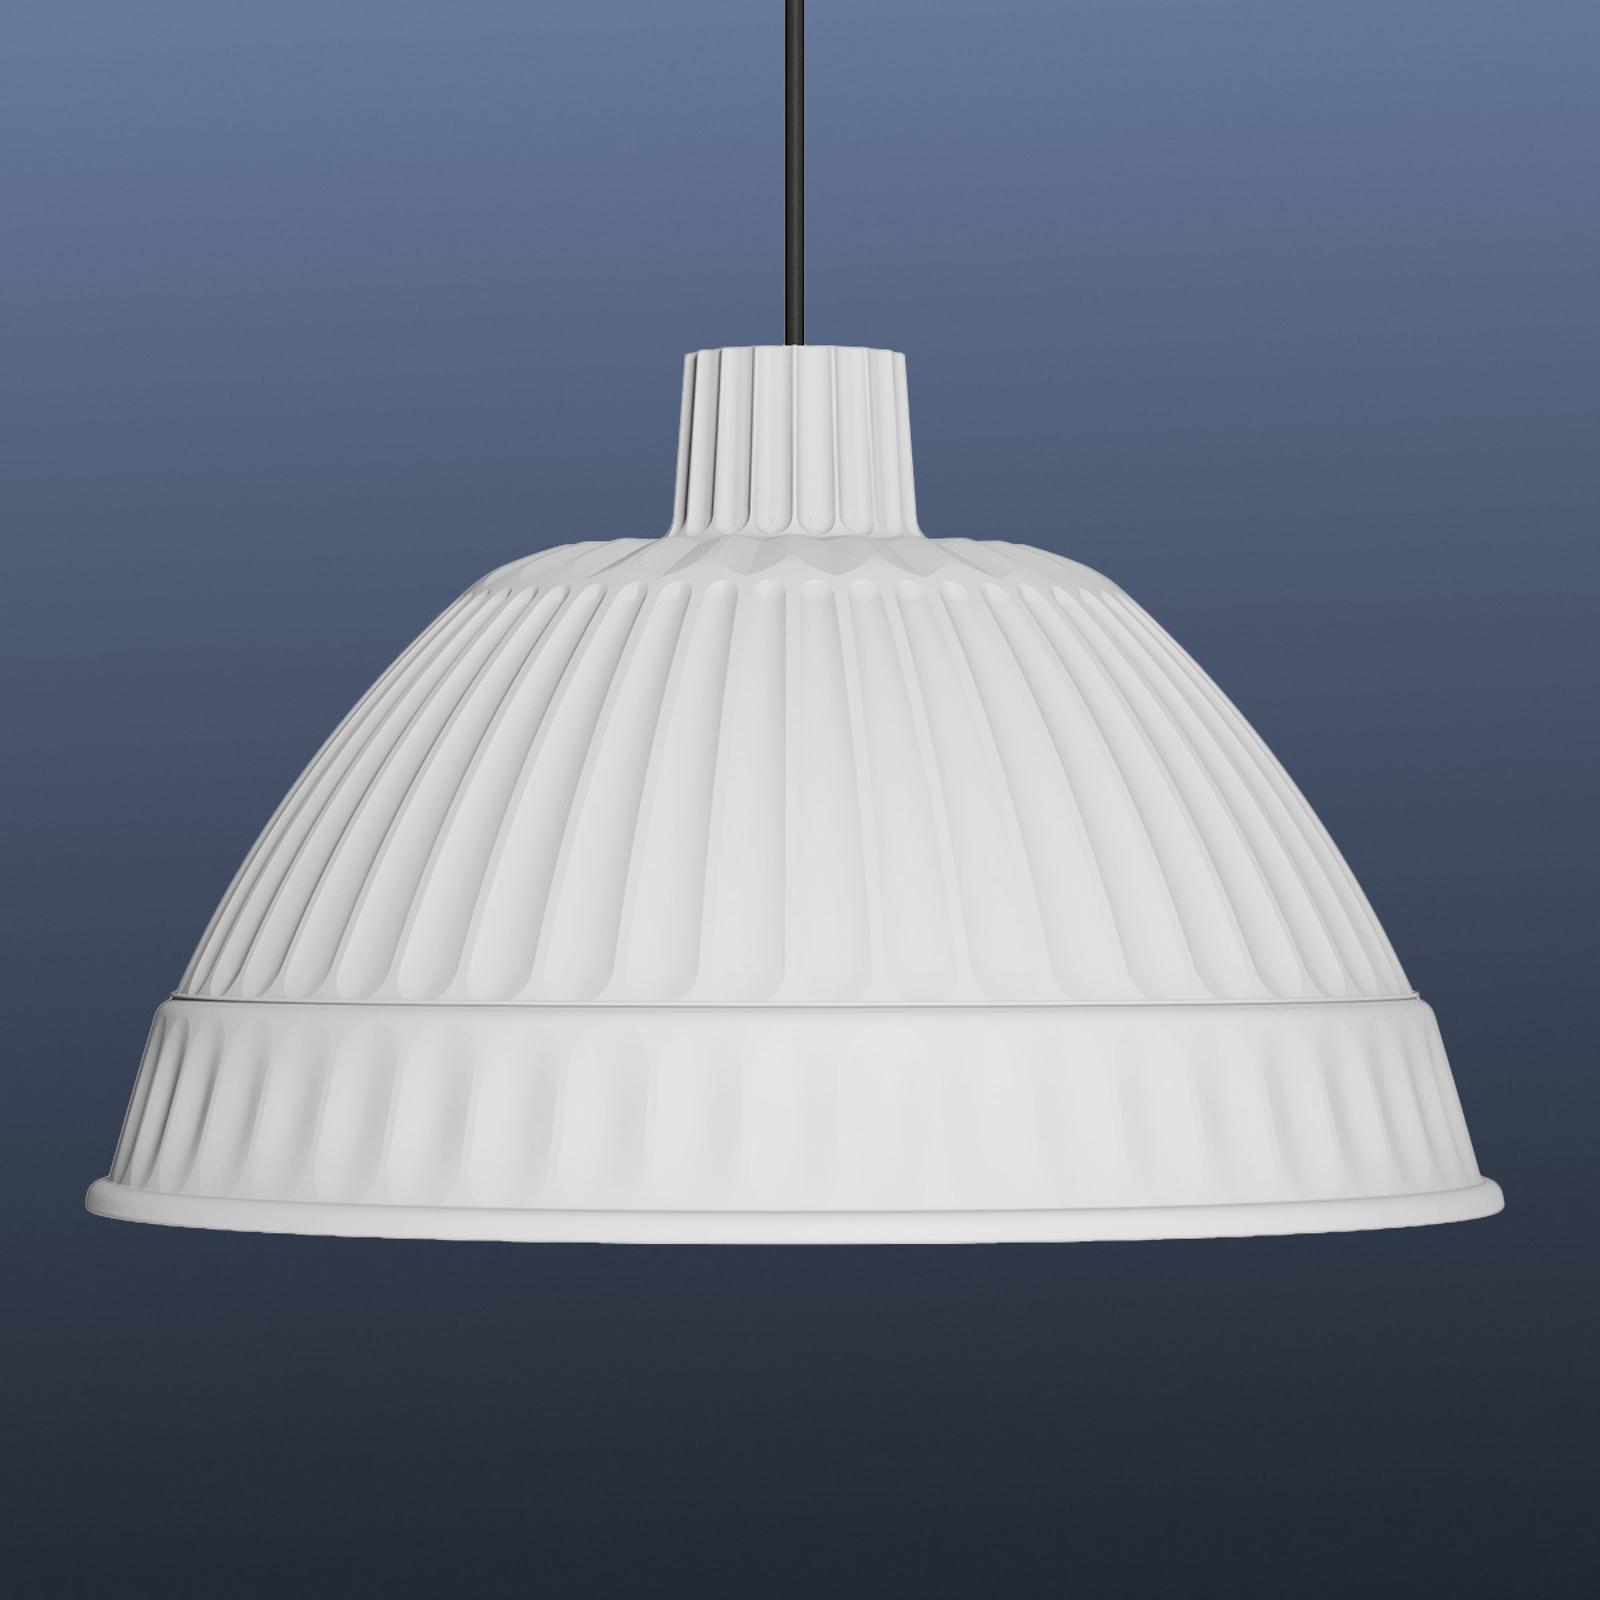 Lampada a sospensione di design Cloche, bianca